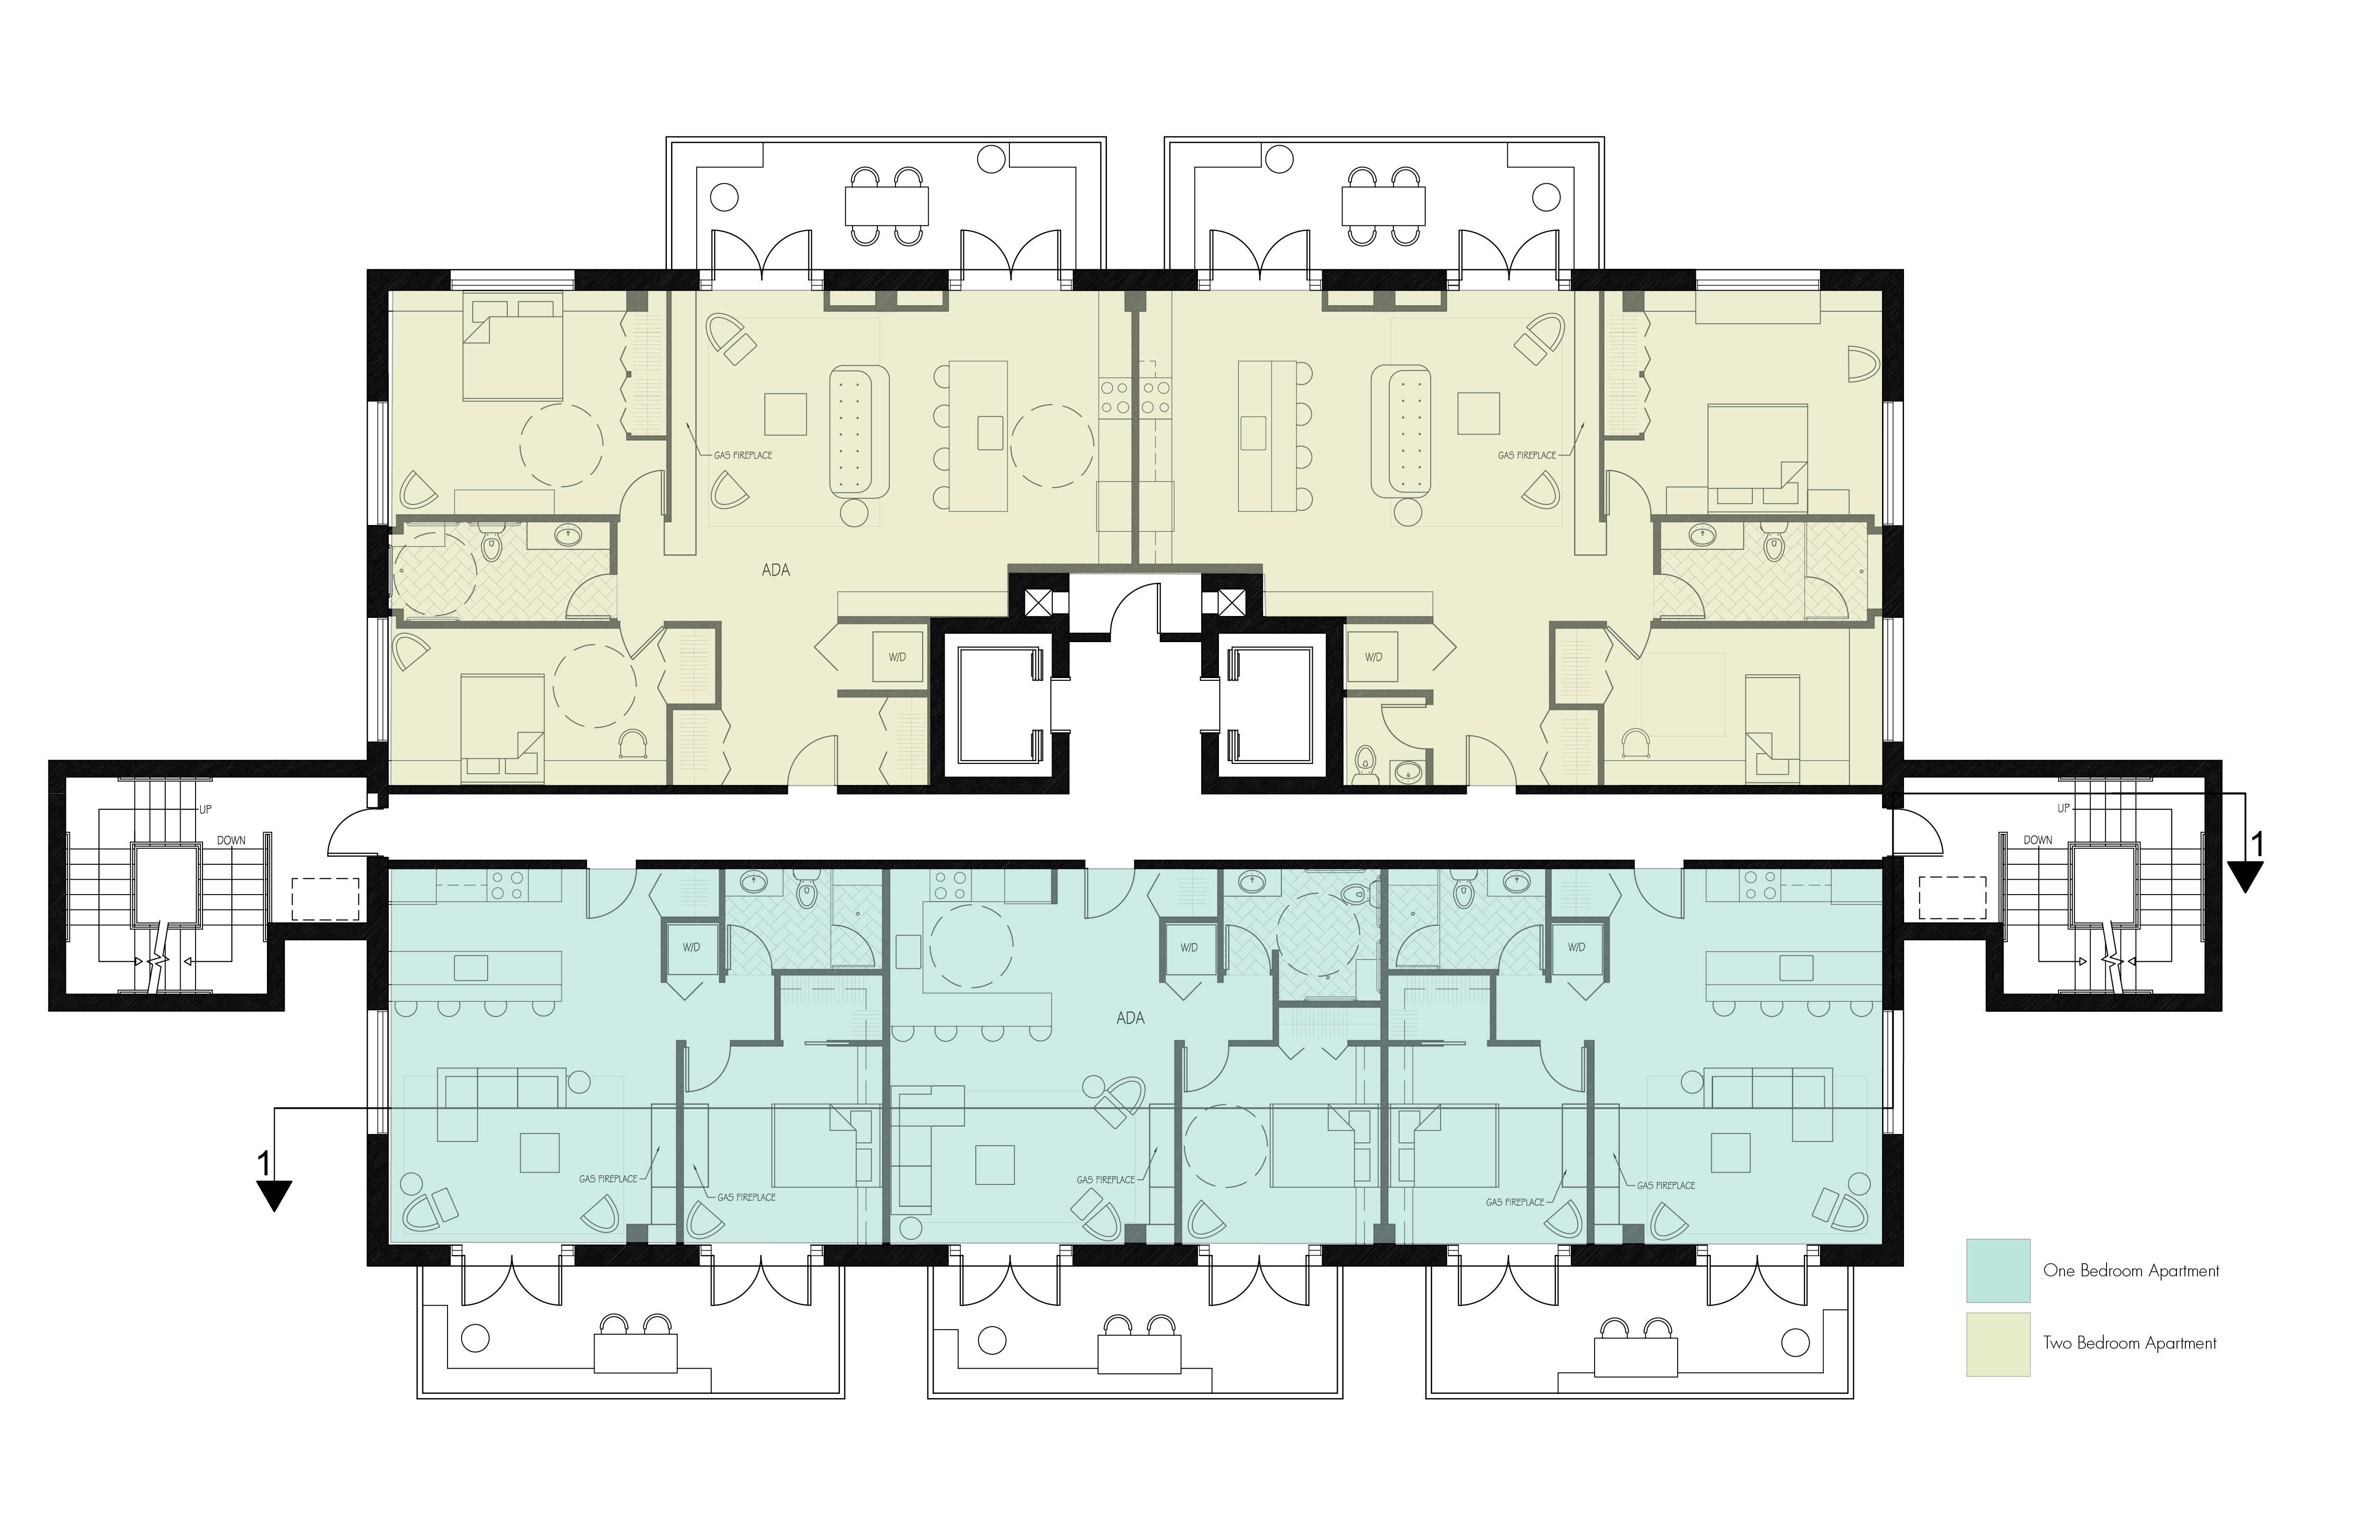 Story Apartment Building Plans Joy Studio Design Best - Home Plans